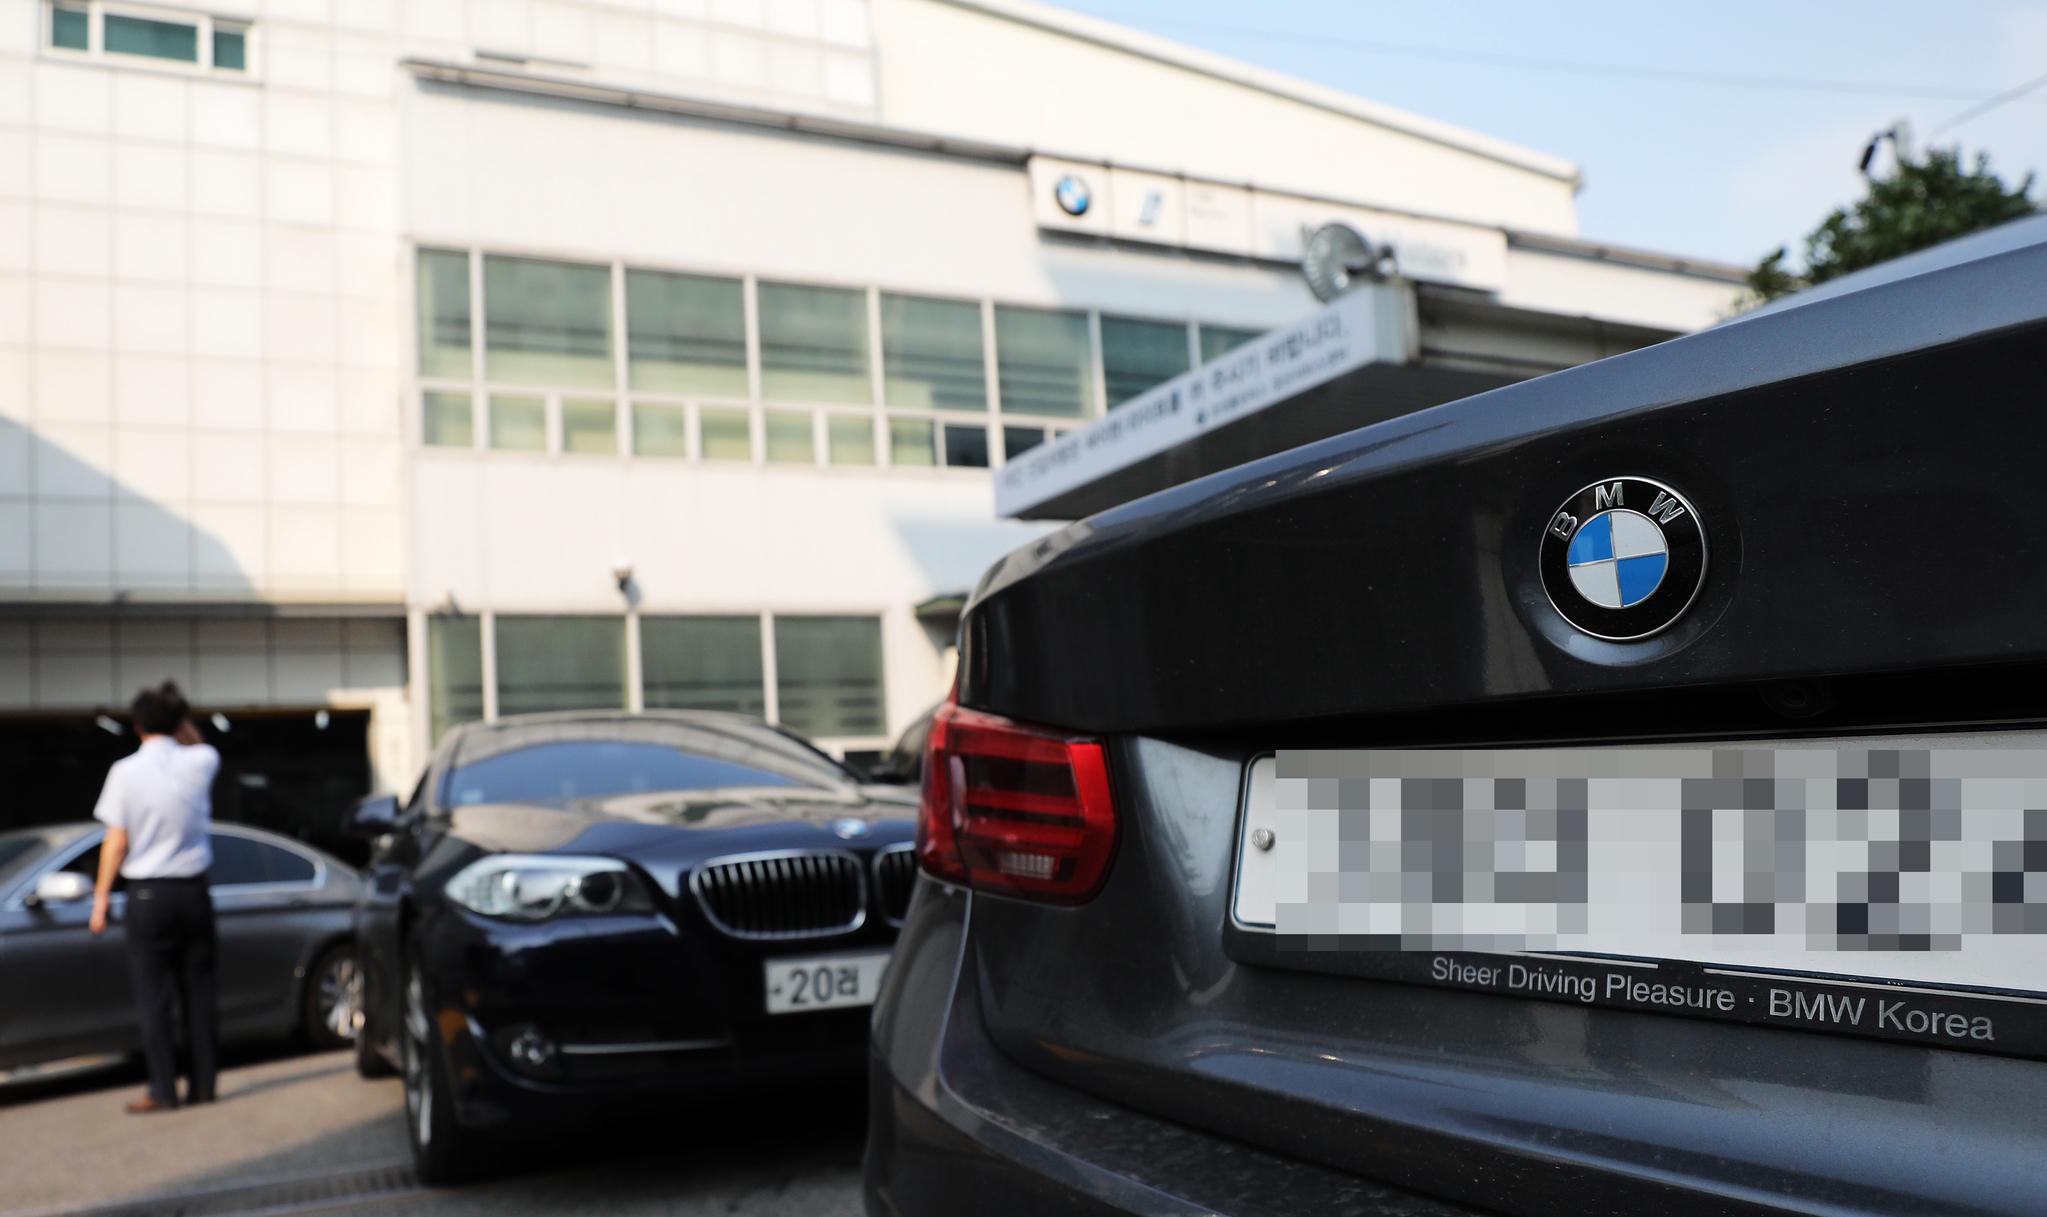 잇따른 화재 사고로 리콜 조치가 내려진 BMW 차량에 대해 국토교통부가 차량 소유자들의 '운행자제'를 권고한 가운데 지난 3일 오후 서울 시내의 한 BMW 서비스센터가 리콜 점검을 받으려는 차들로 붐비고 있다. [뉴스1]